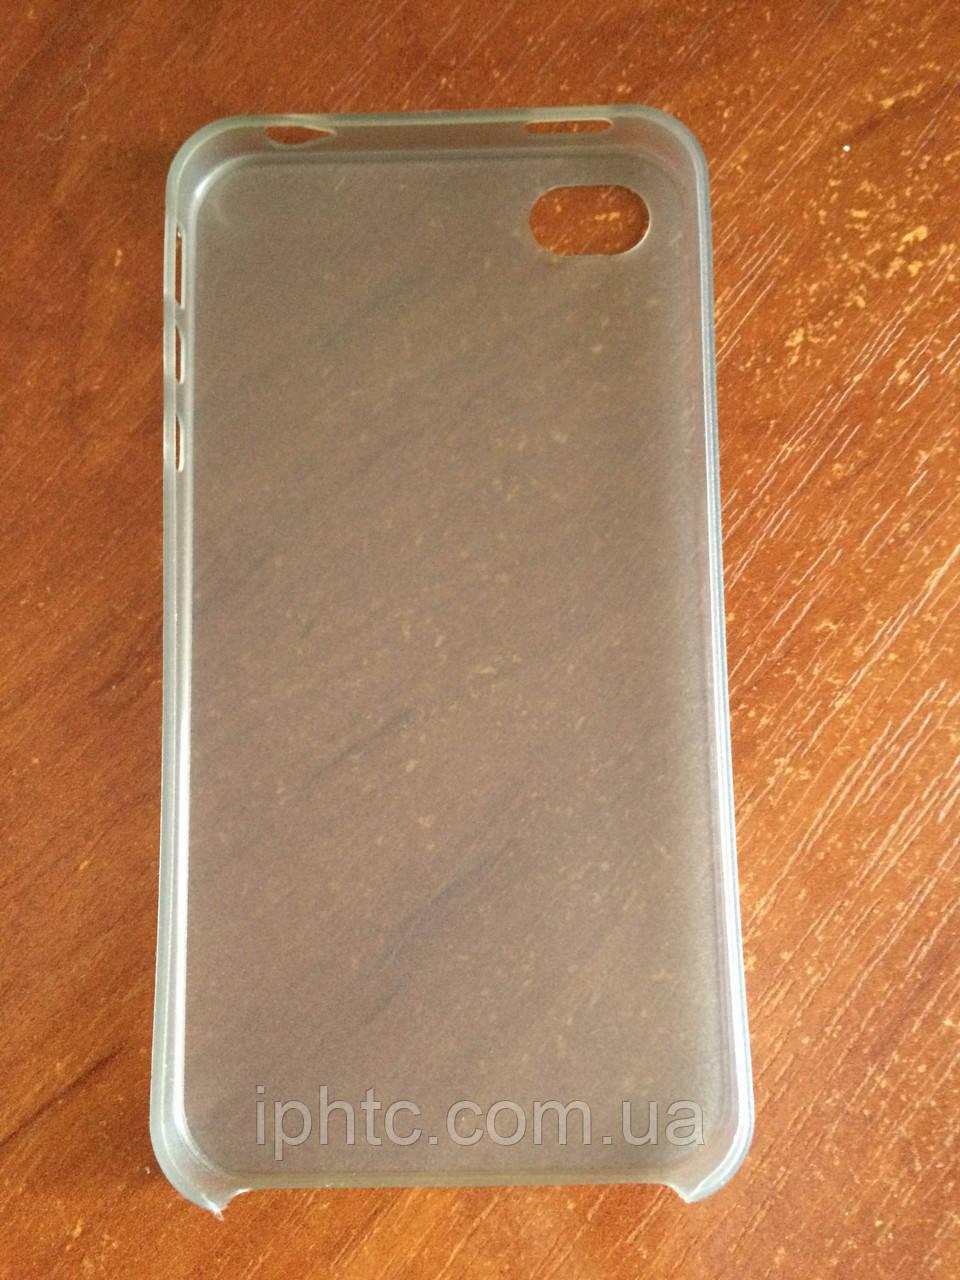 Чехол iPhone 5, 5S, 5C